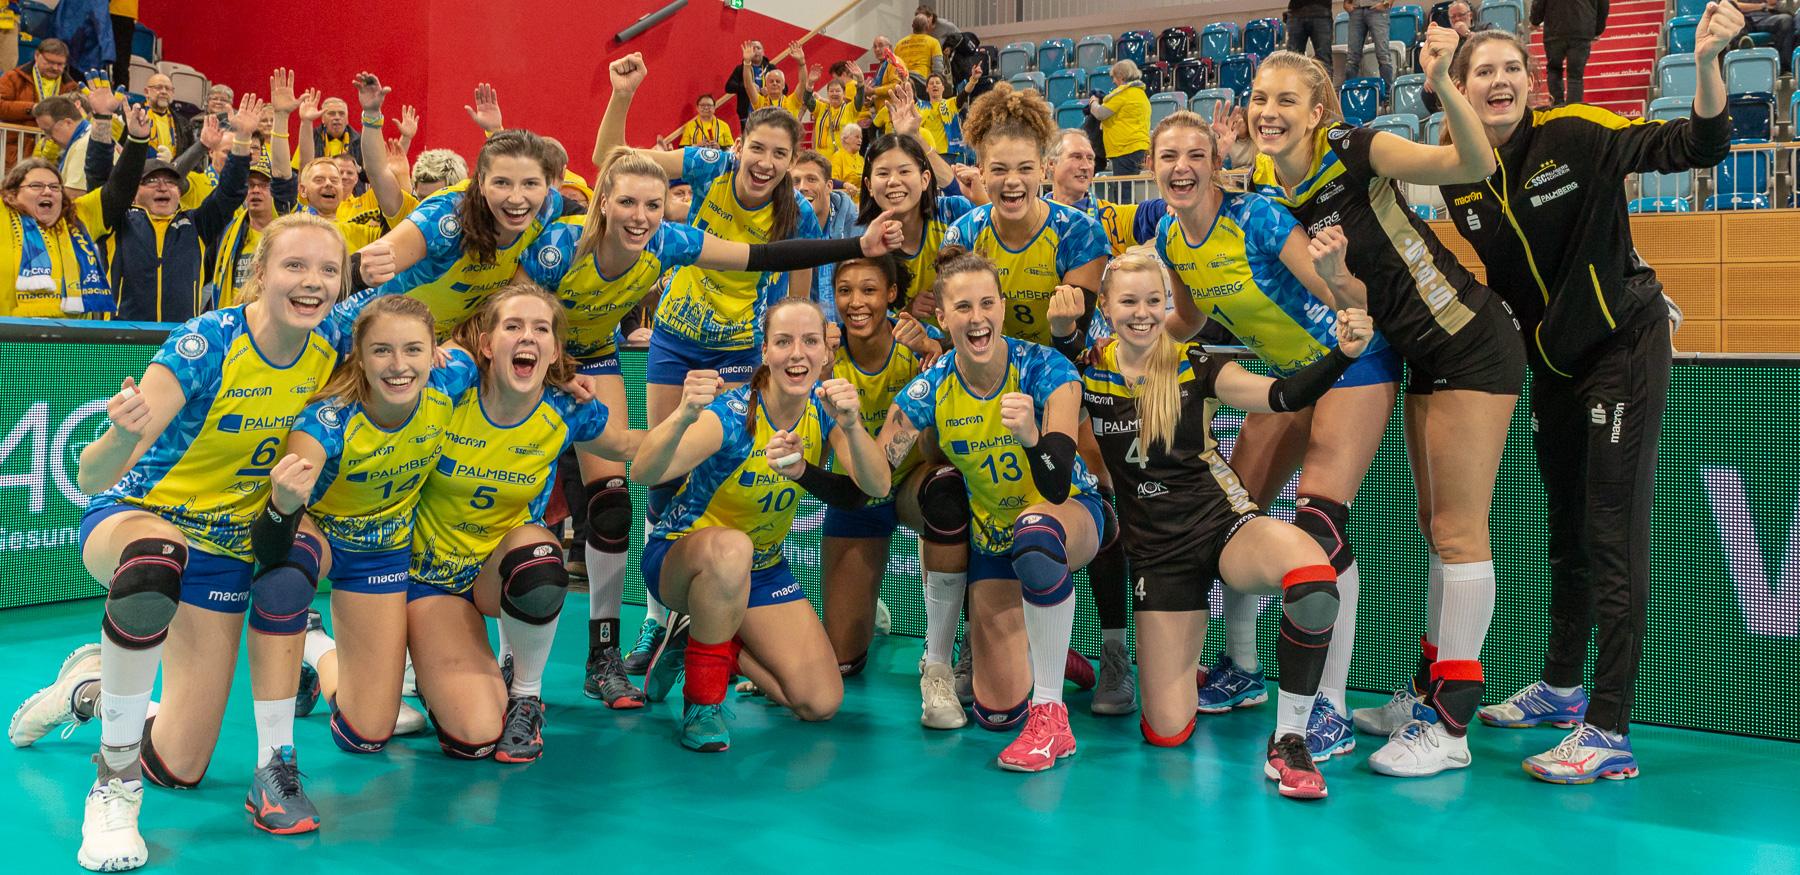 Letzte Chance auf Fanfahrt zum Volleyball-Pokalfinale